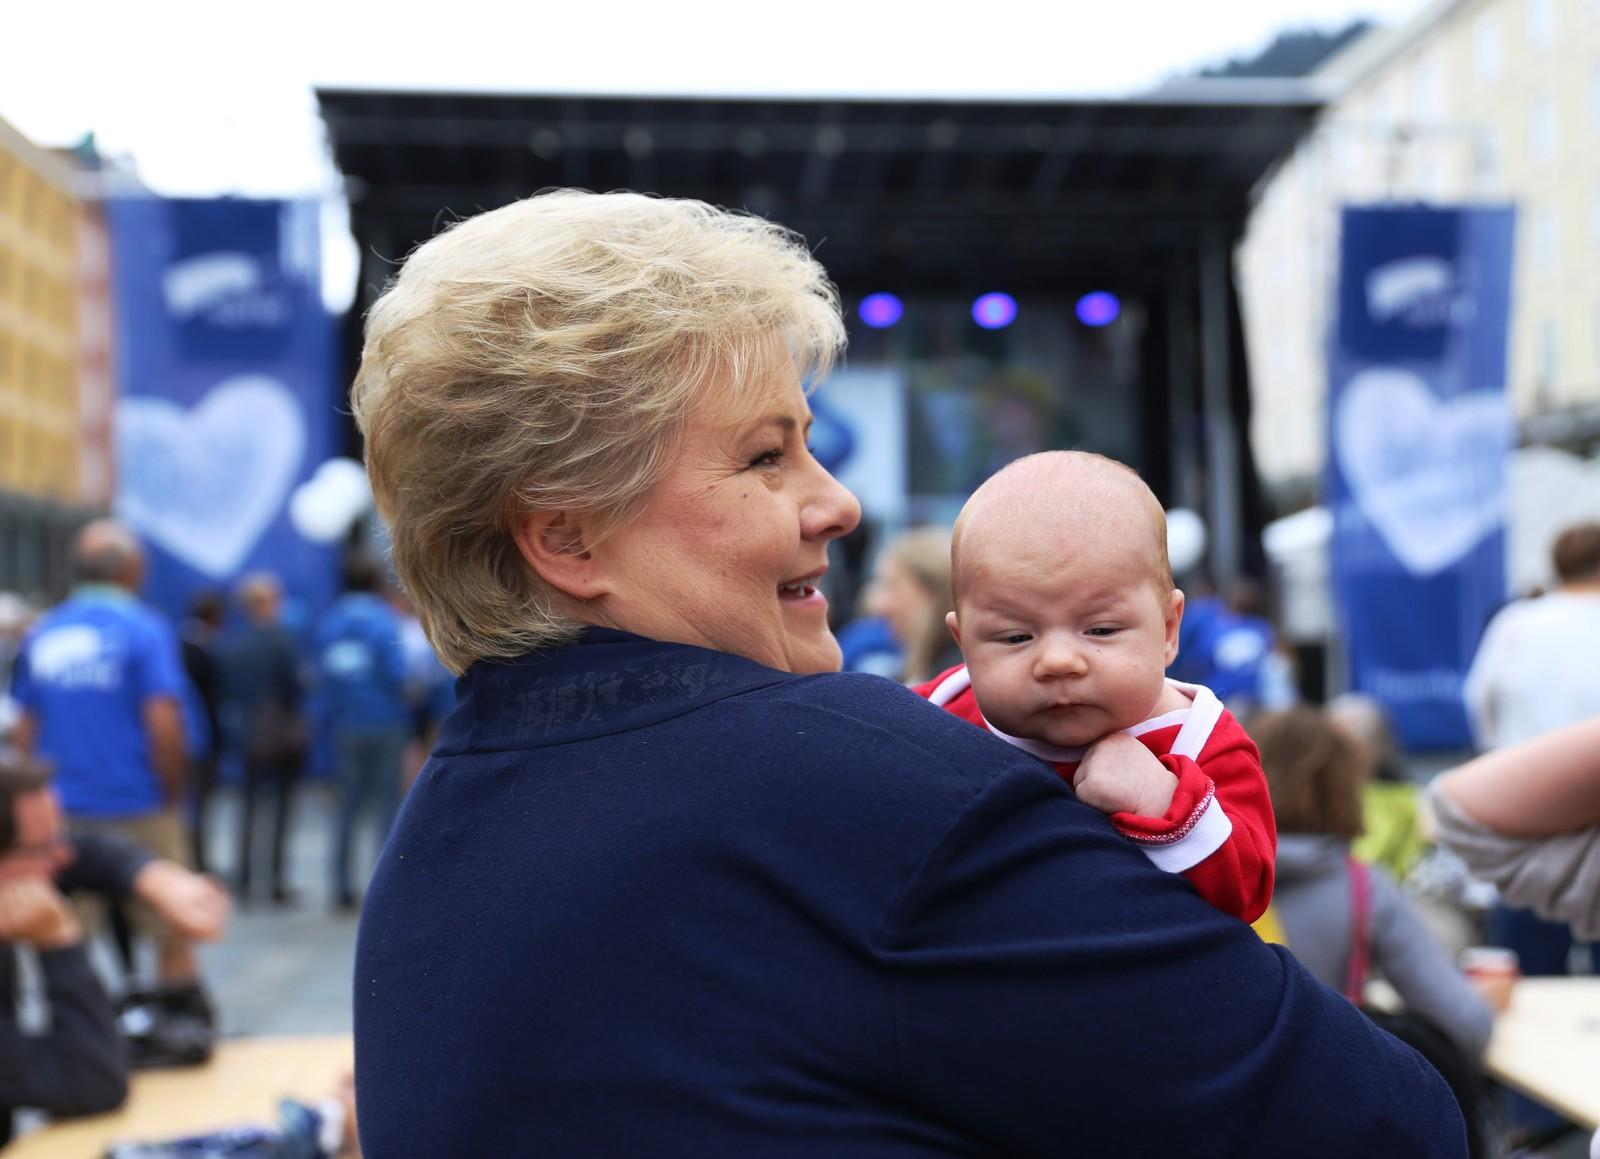 Statsminister Erna Solberg møtte både store og små under Høyres valgåpning på Torgallmenningen i Bergen.